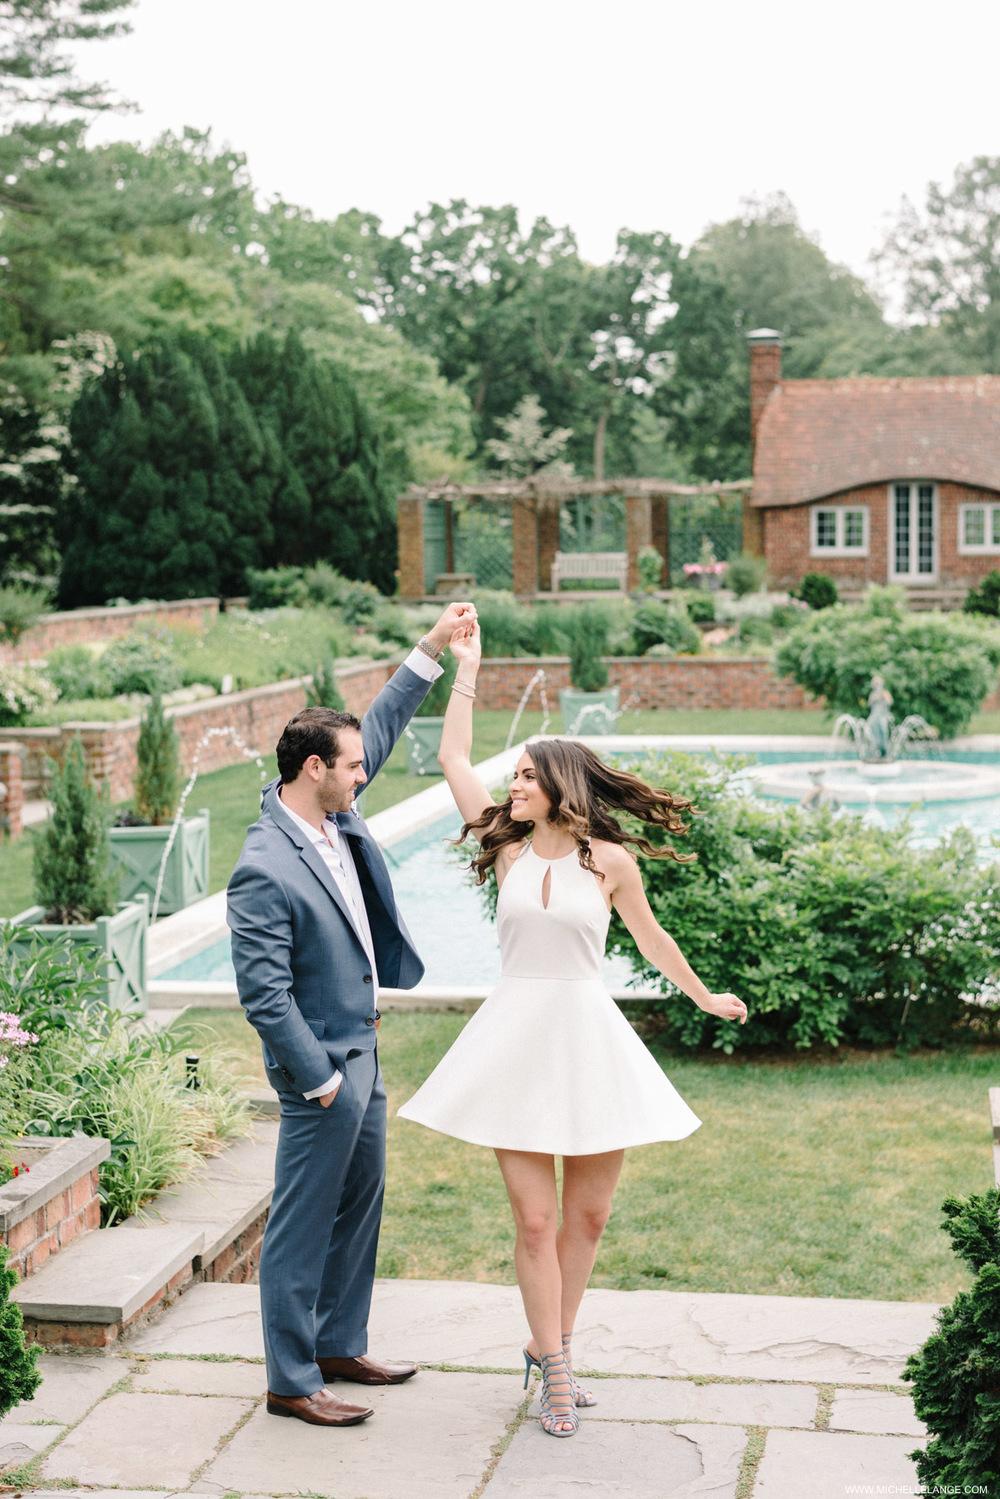 NY Engagement Photographer-3.jpg